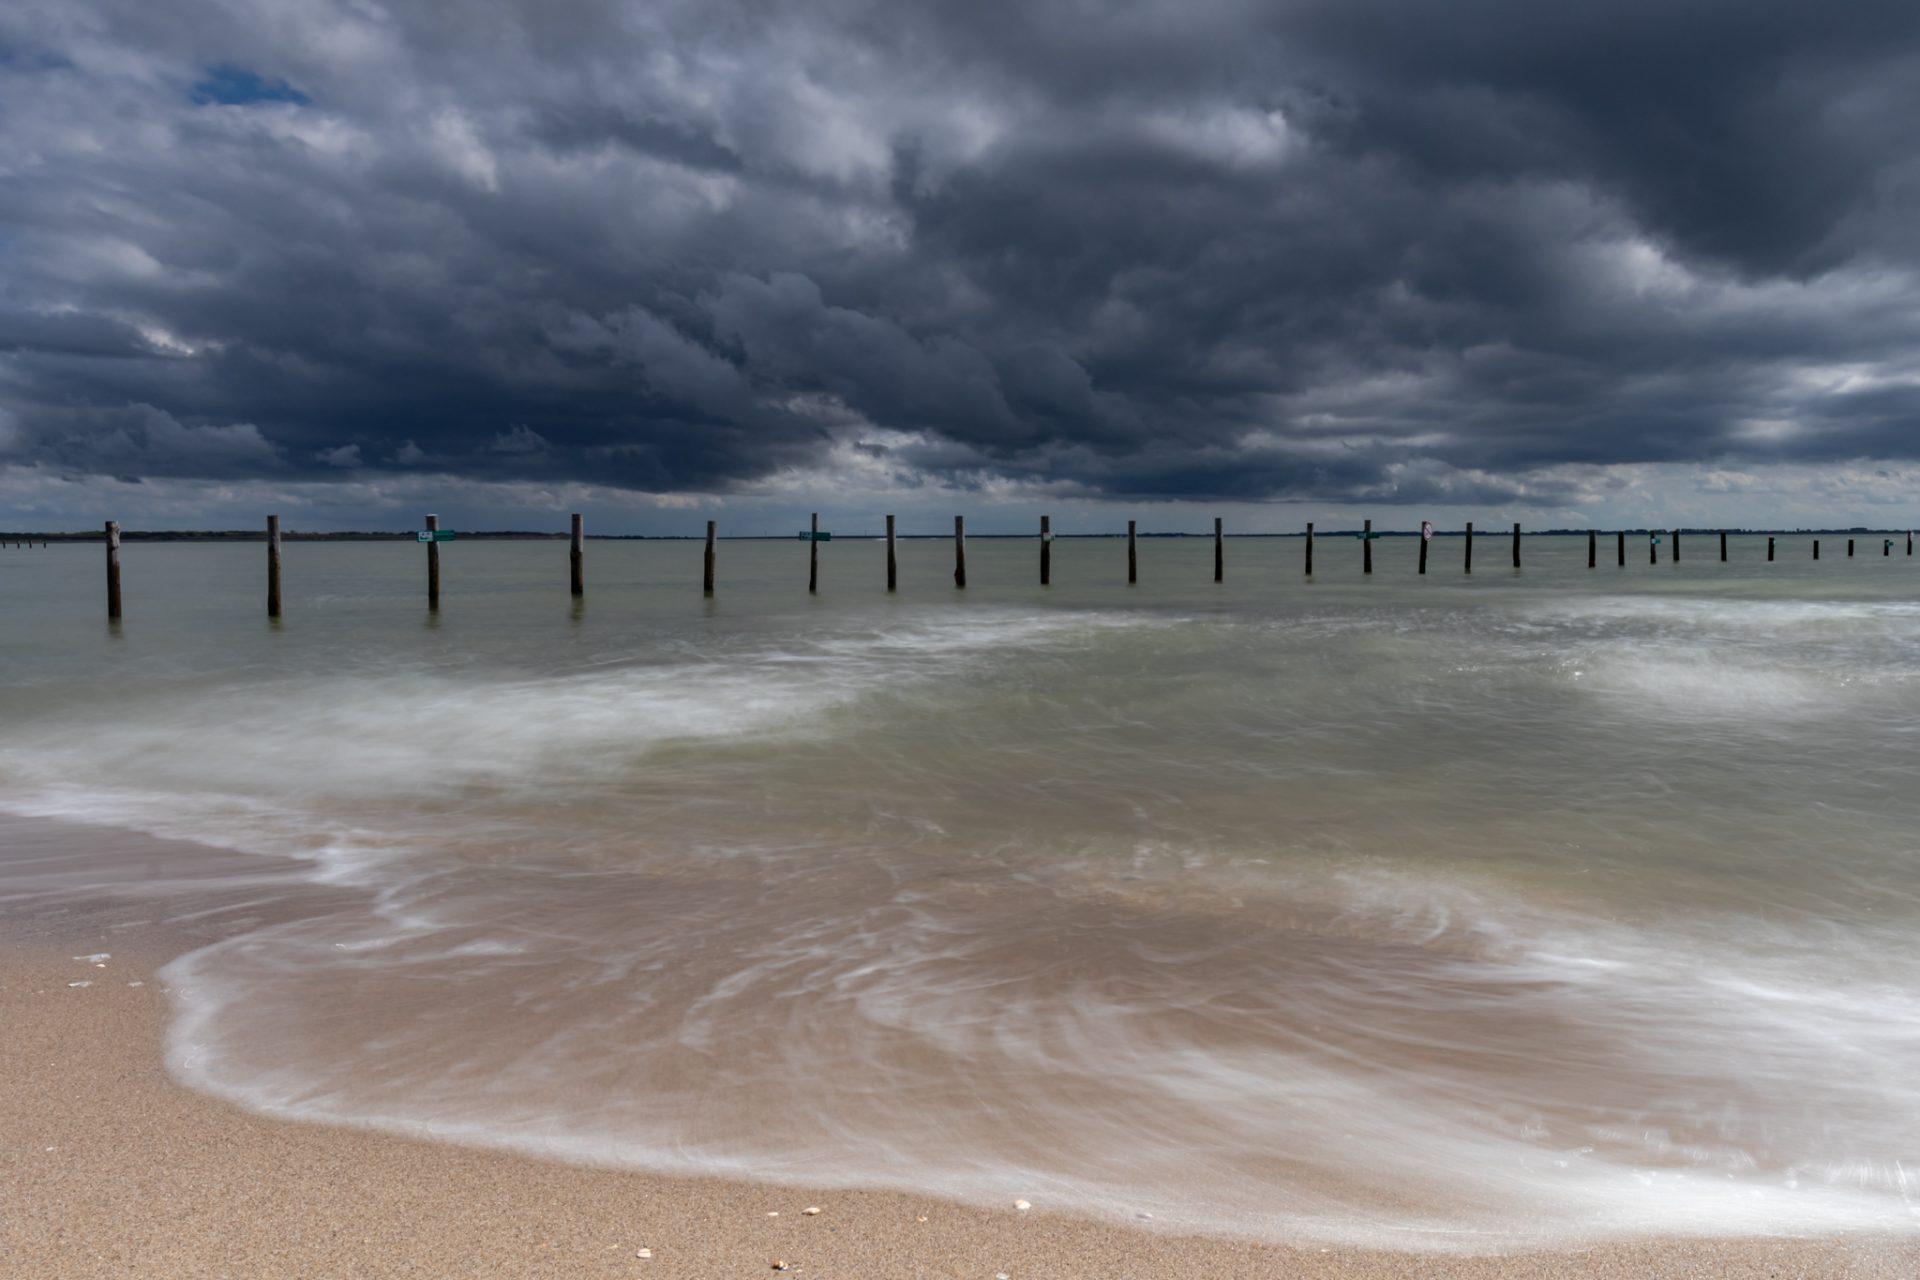 Donkere buien boven het strand